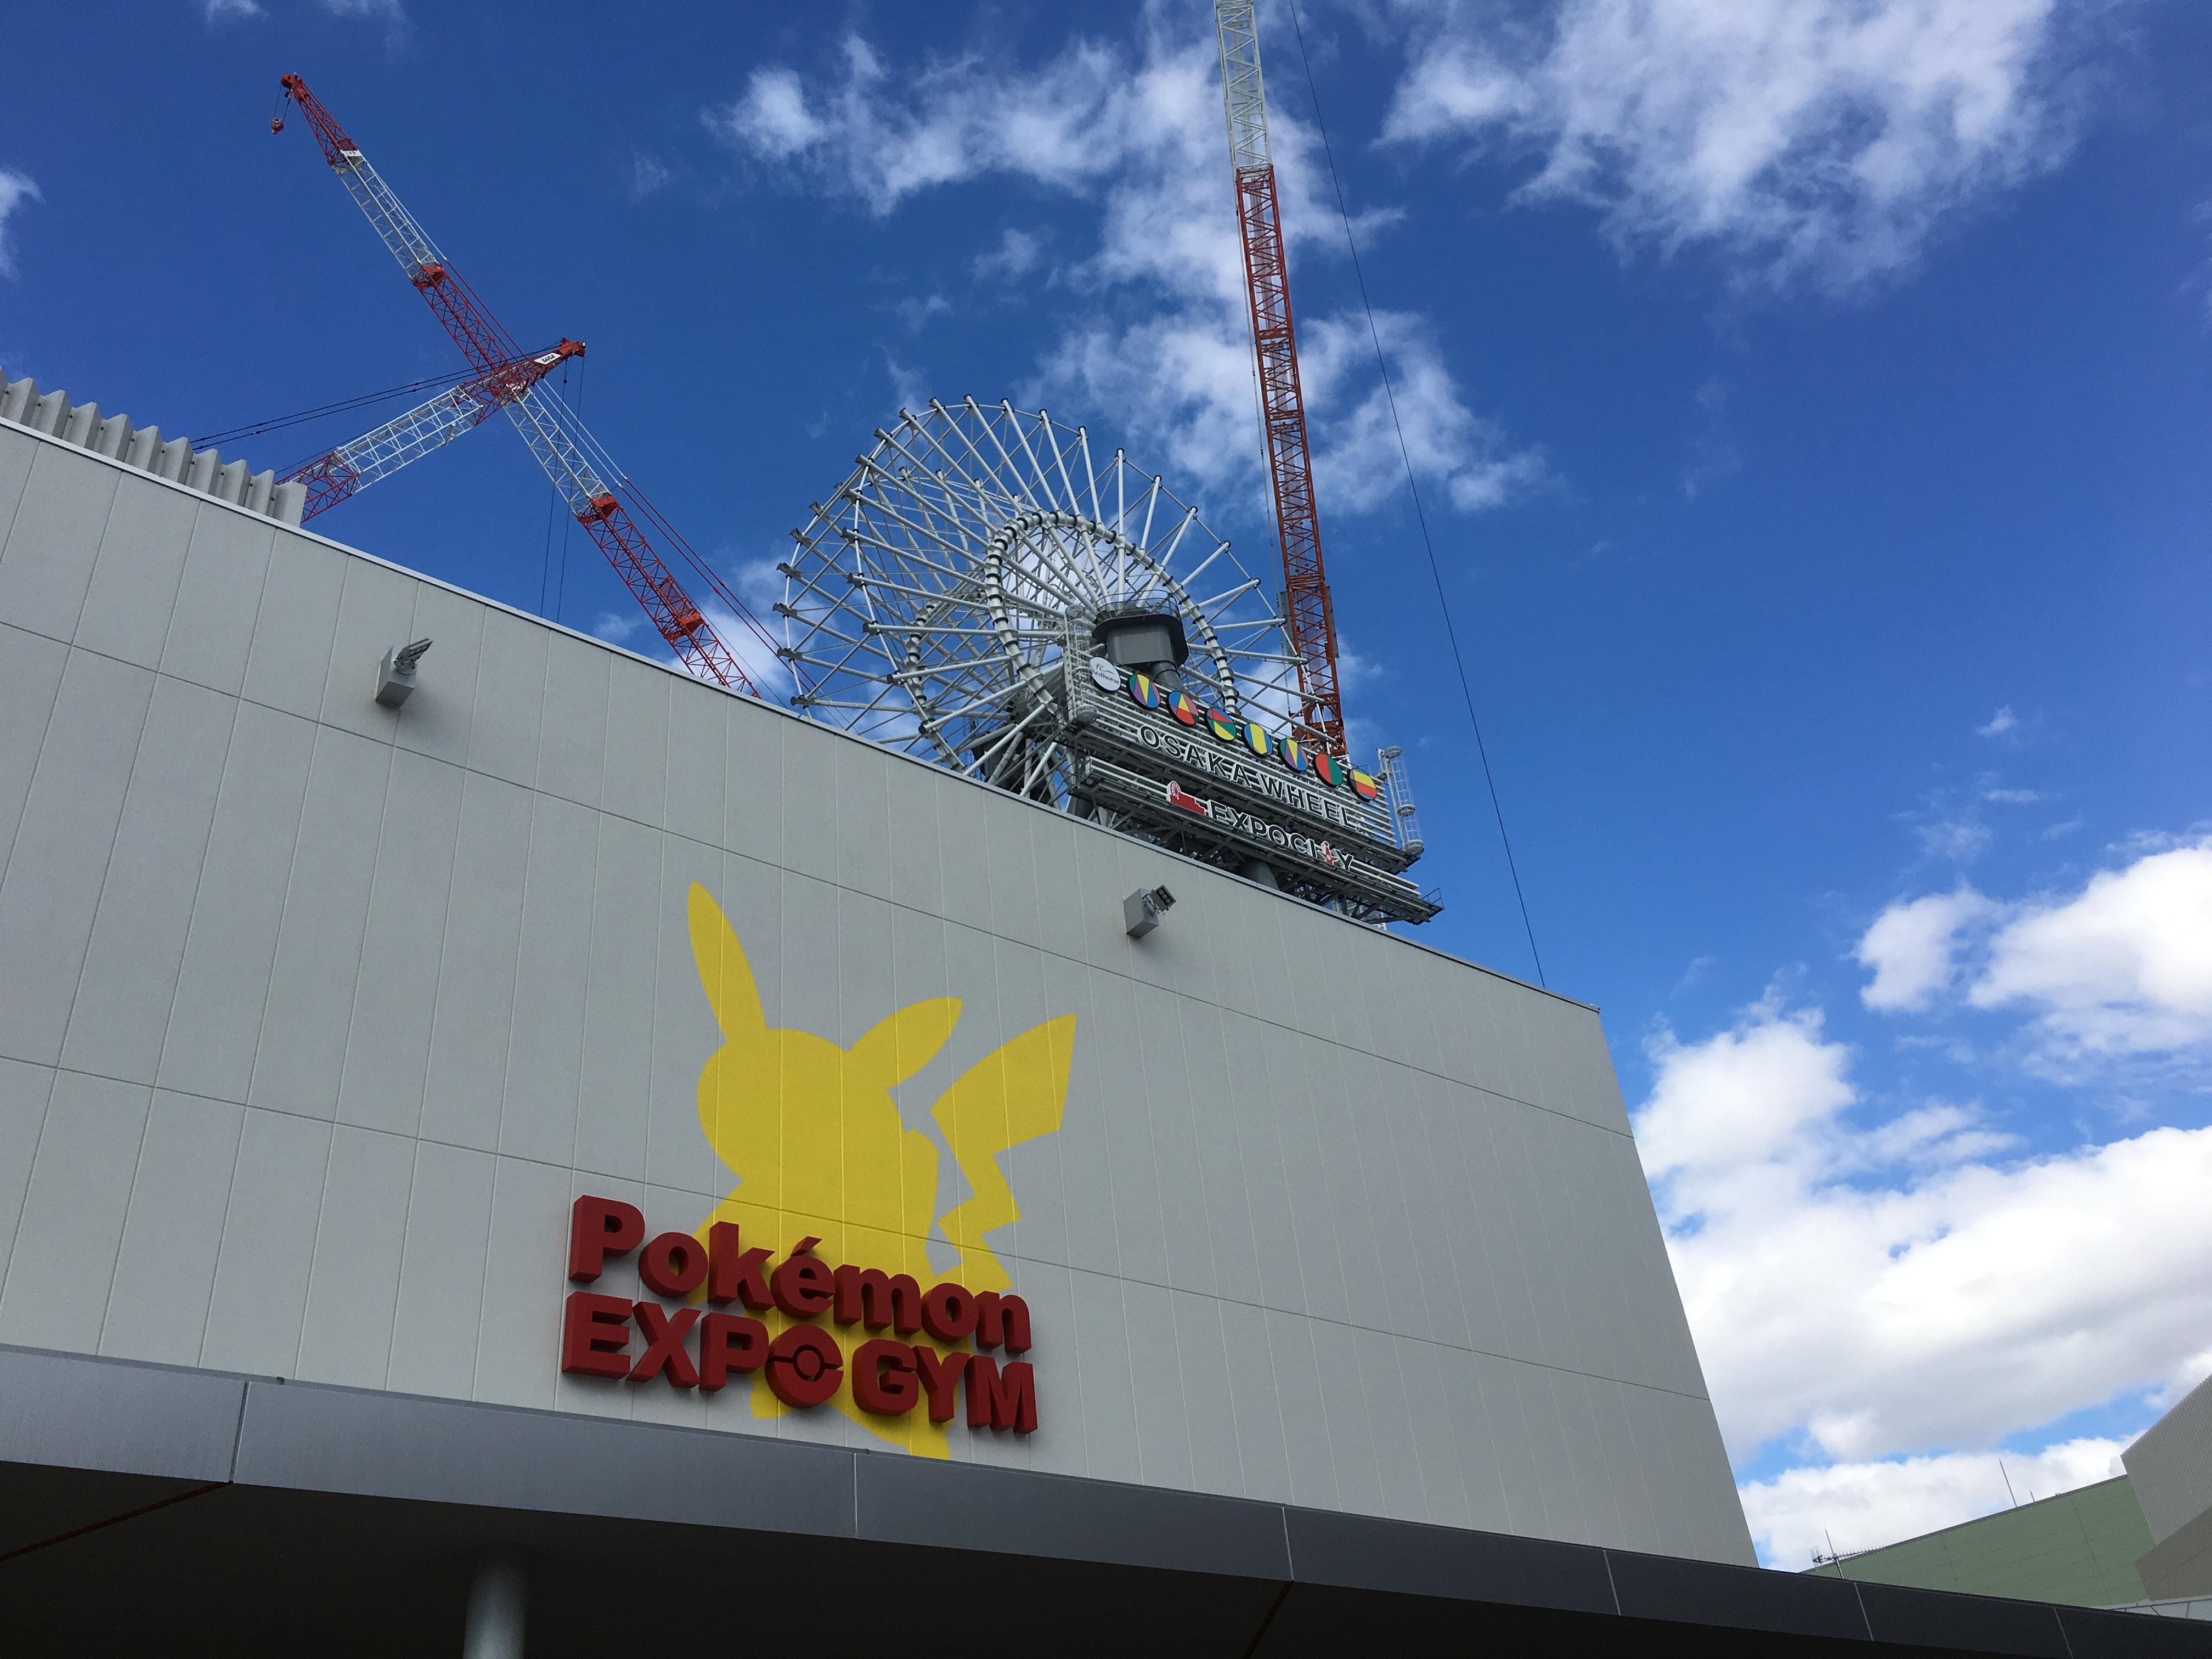 大阪EXPOCITYは見どころ満載です